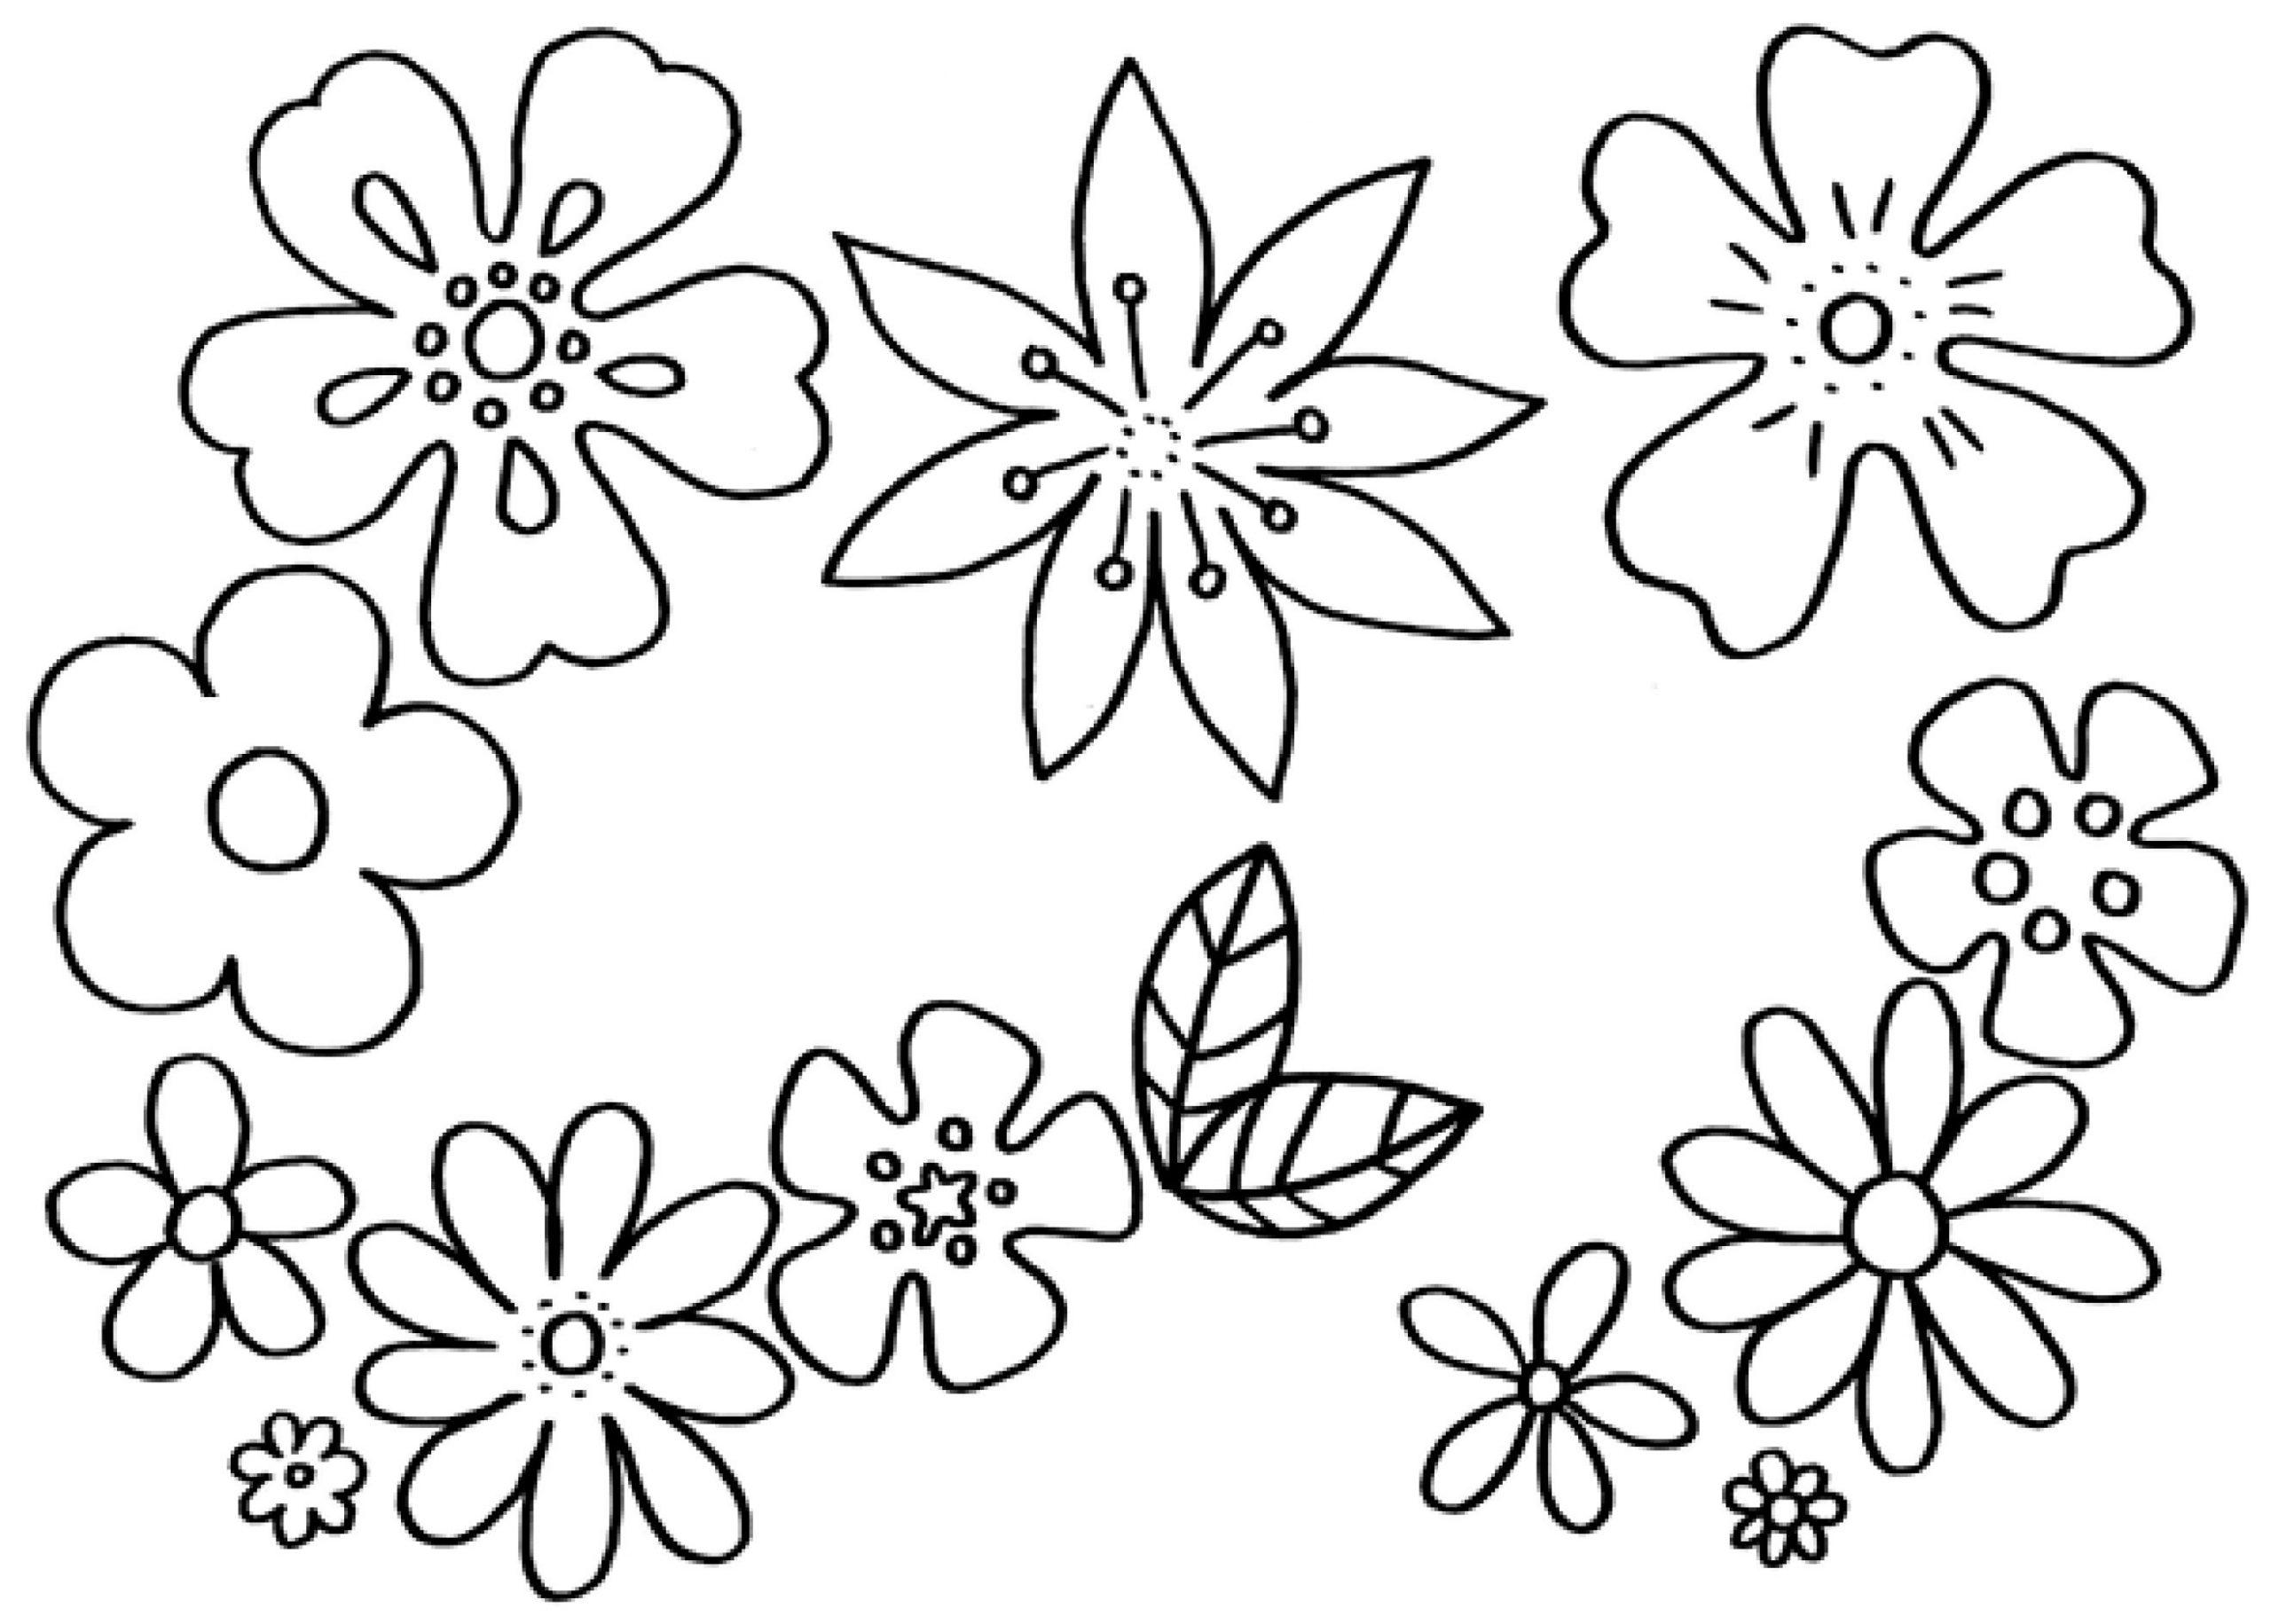 Malvorlagen Blumen - Kostenlose Ausmalbilder | Mytoys Blog ganzes Blumen Vorlagen Zum Malen